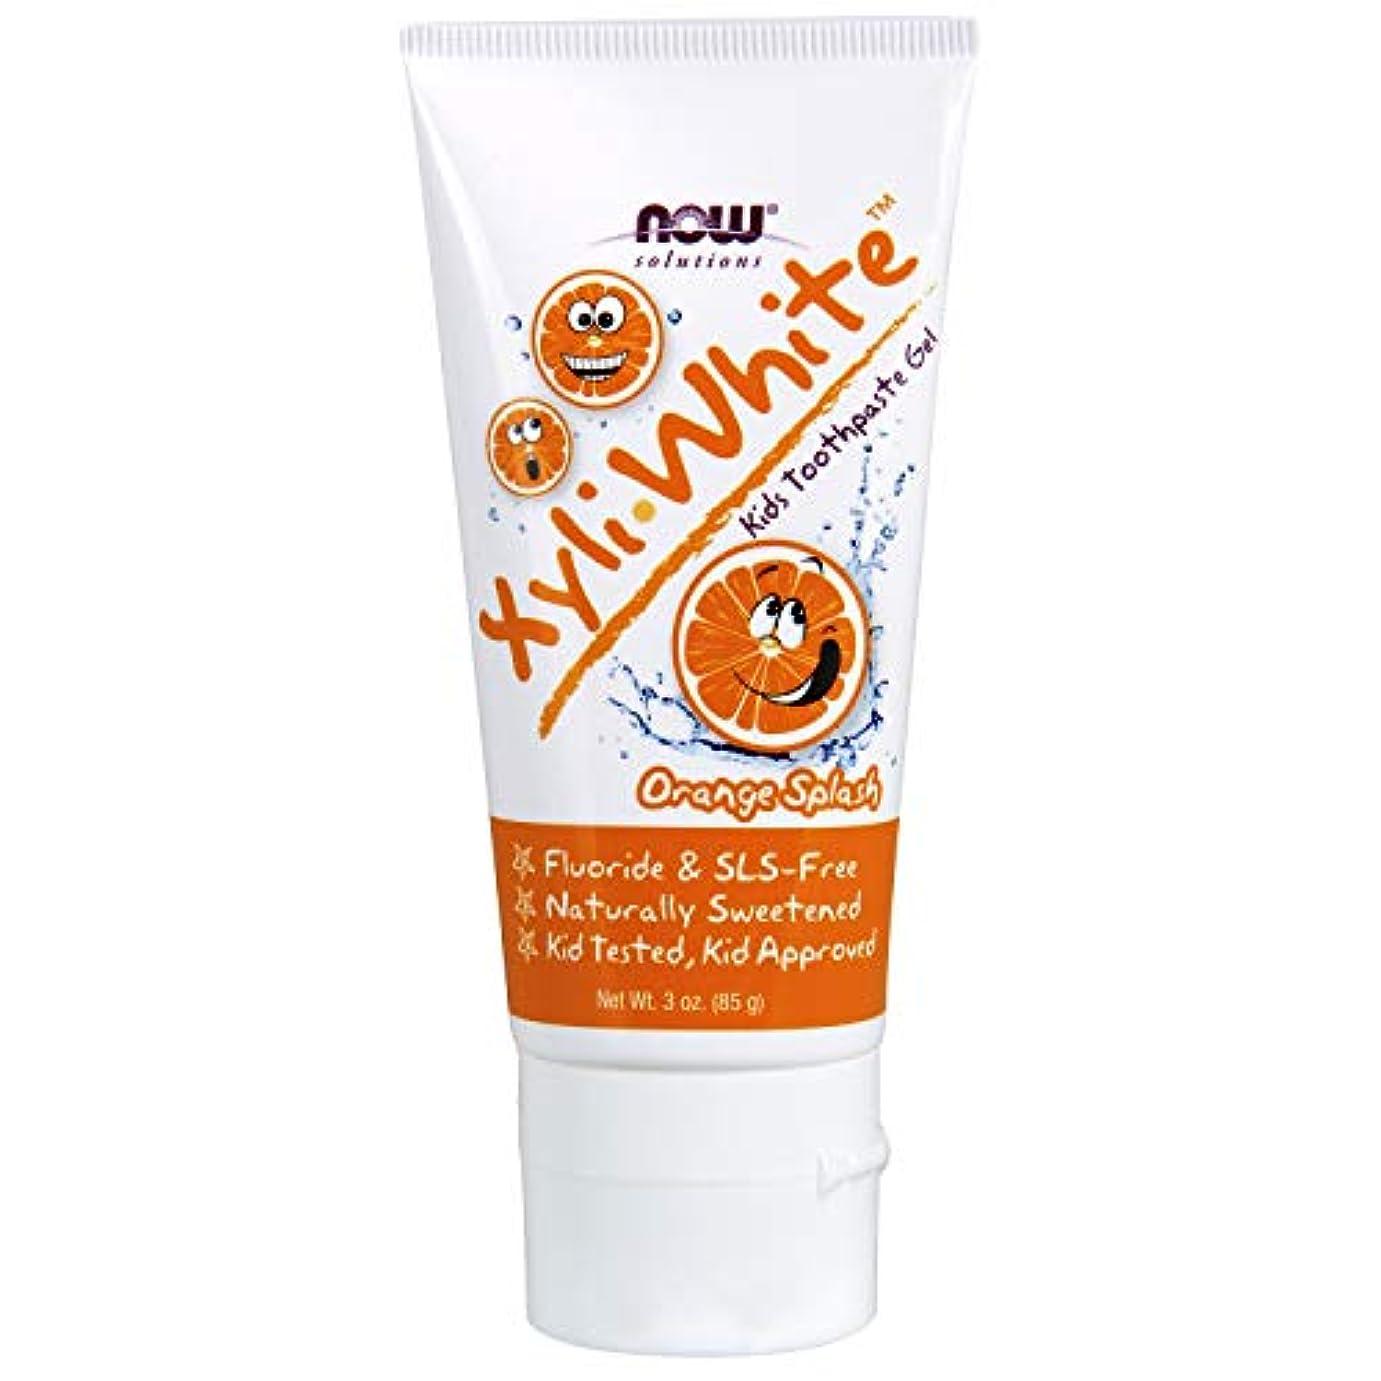 ほかに作曲家発送子供用 キシリホワイト オレンジスプラッシュ 歯磨き粉ジェル 85g/3オンス 並行輸入品 XyliWhite™ Orange Splash Toothpaste Gel for Kids - 3 oz. 海外直送品